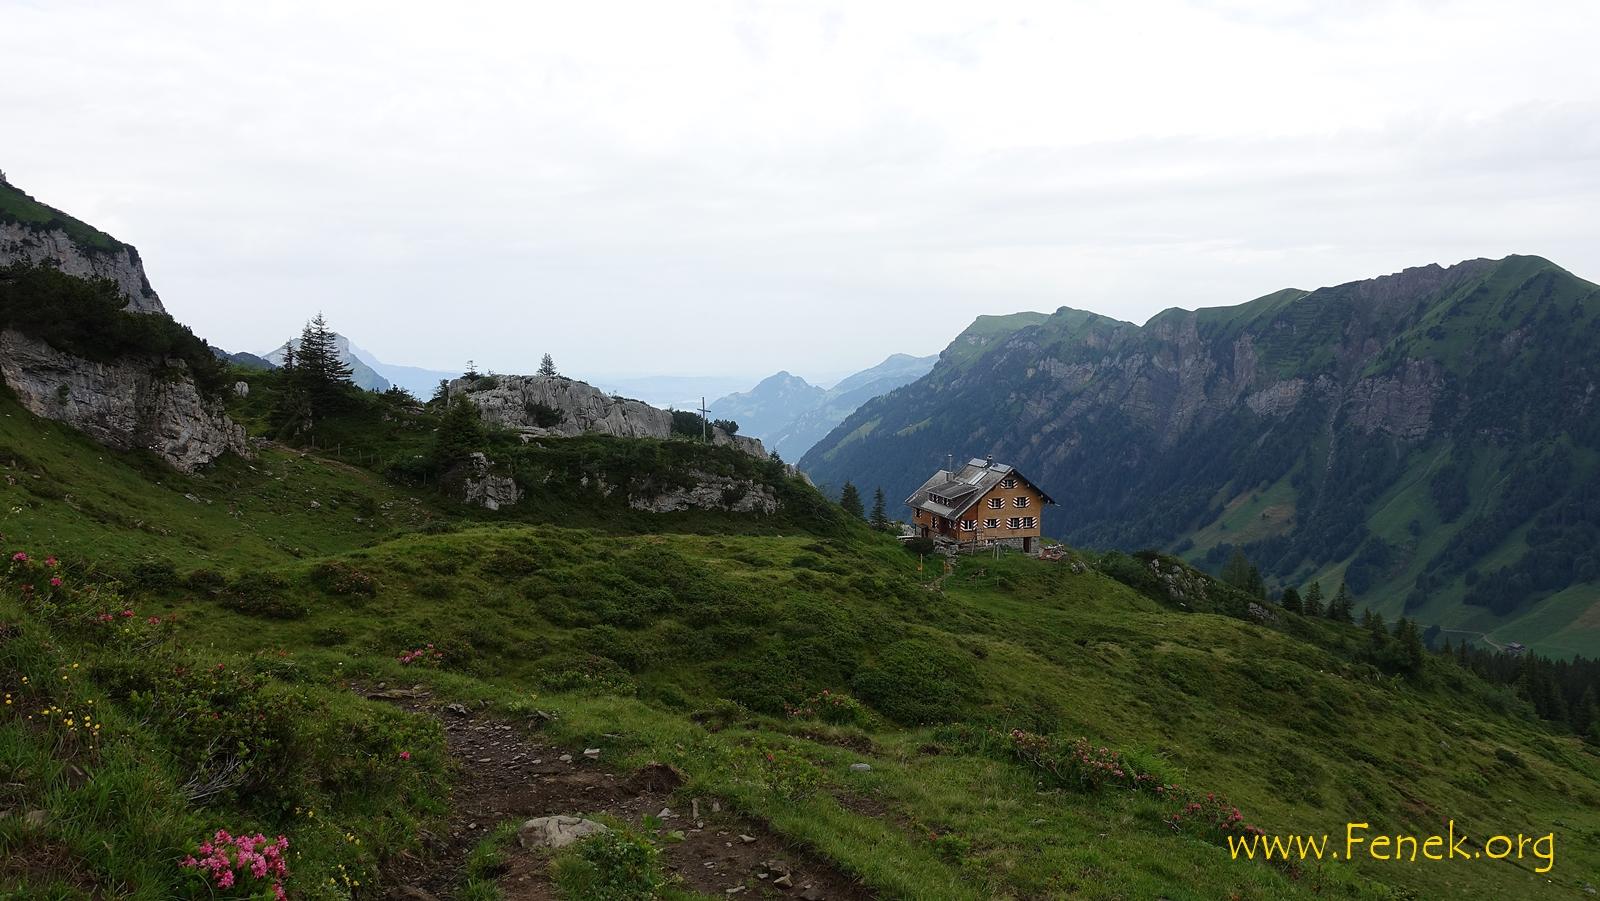 Lidernenhütte